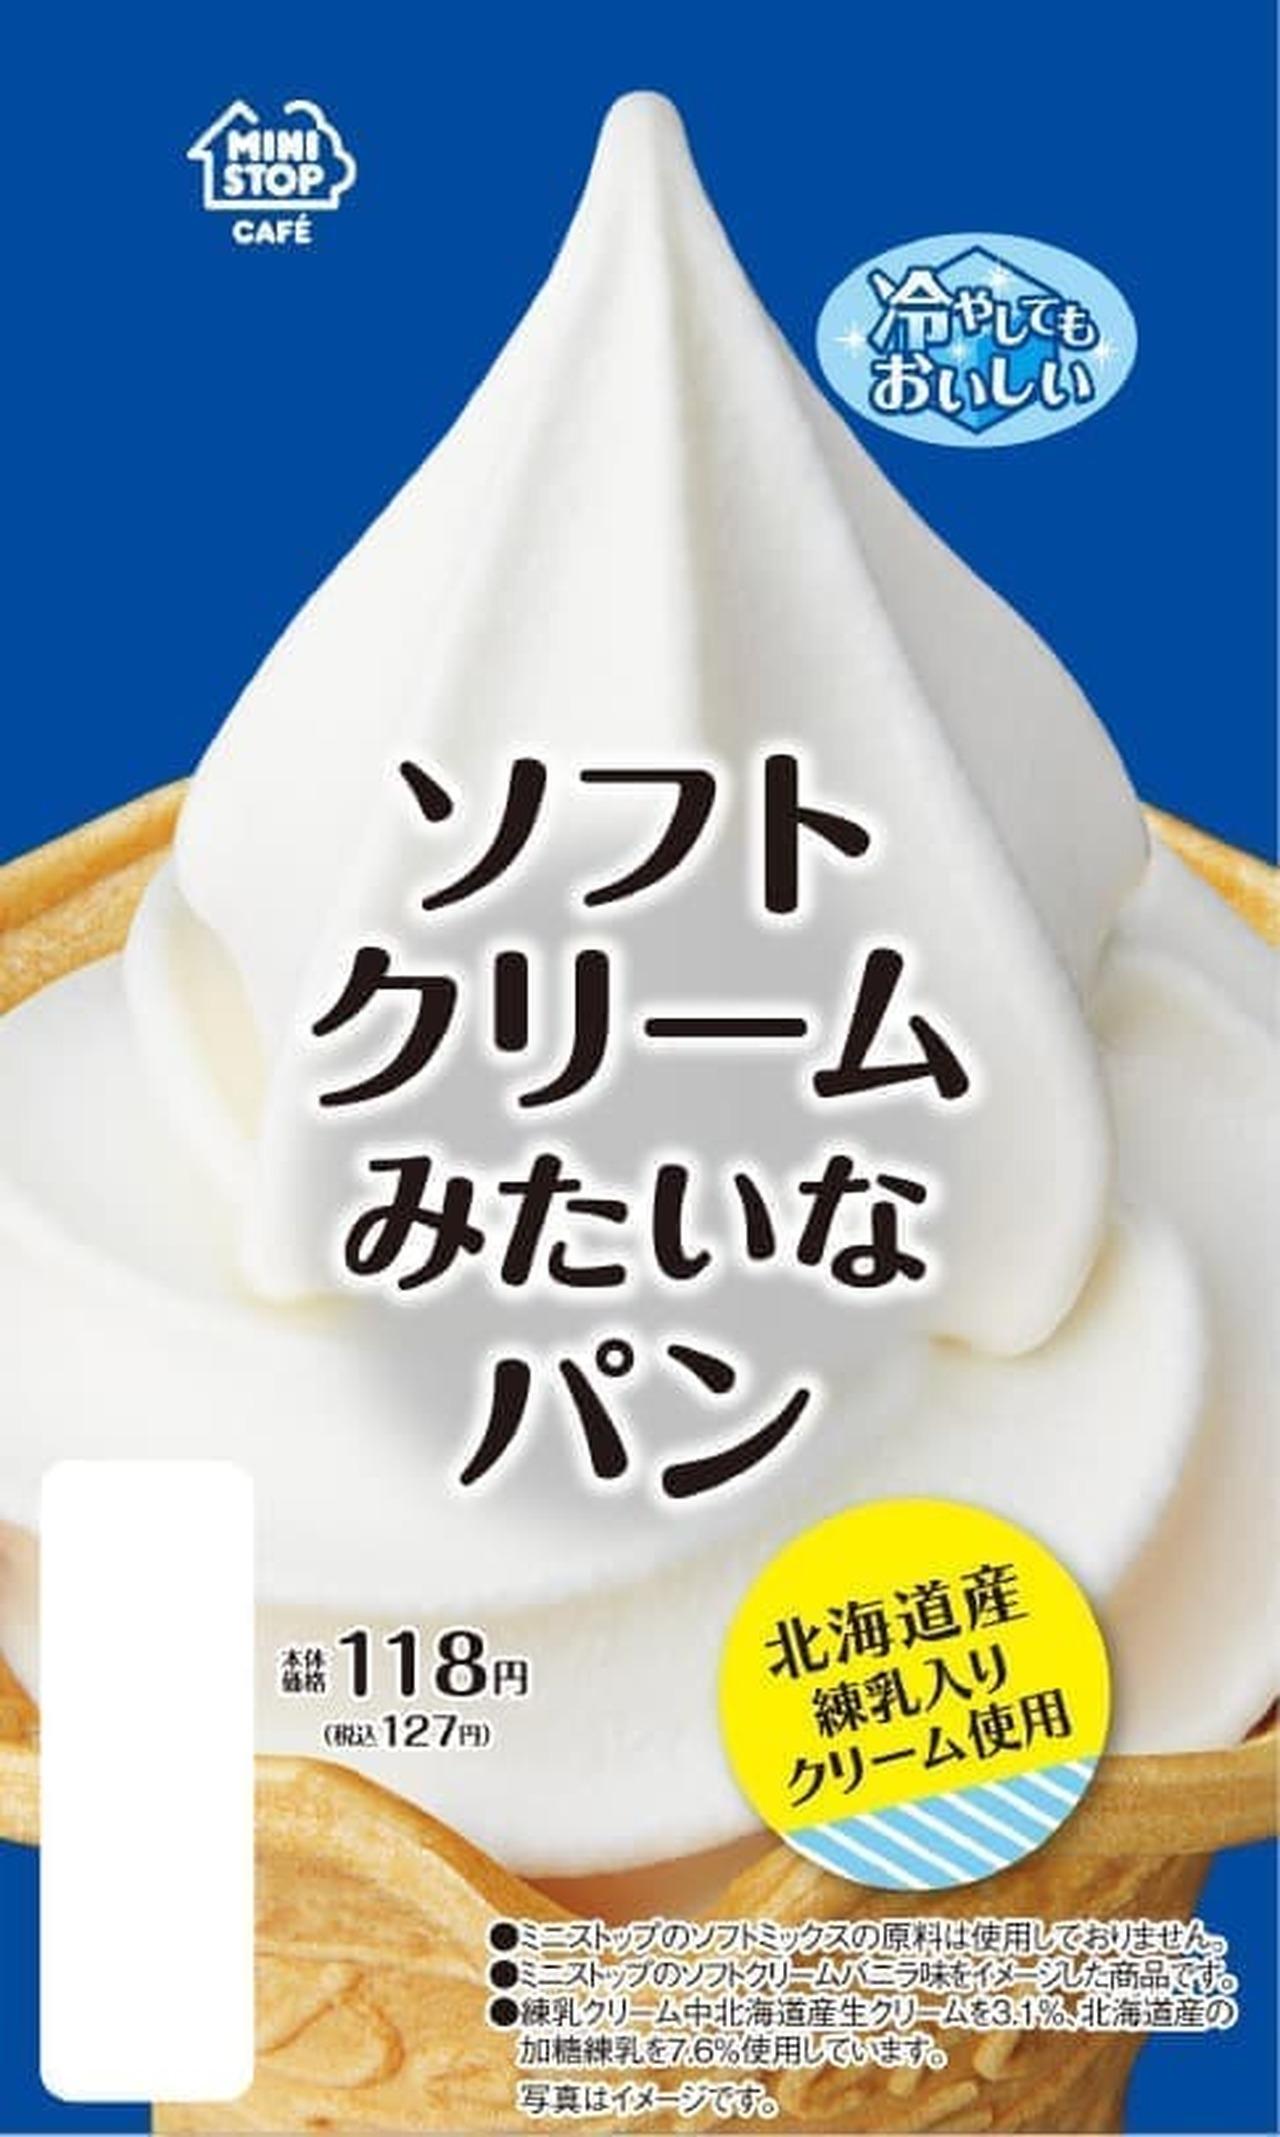 ミニストップ「ソフトクリームみたいなパン」